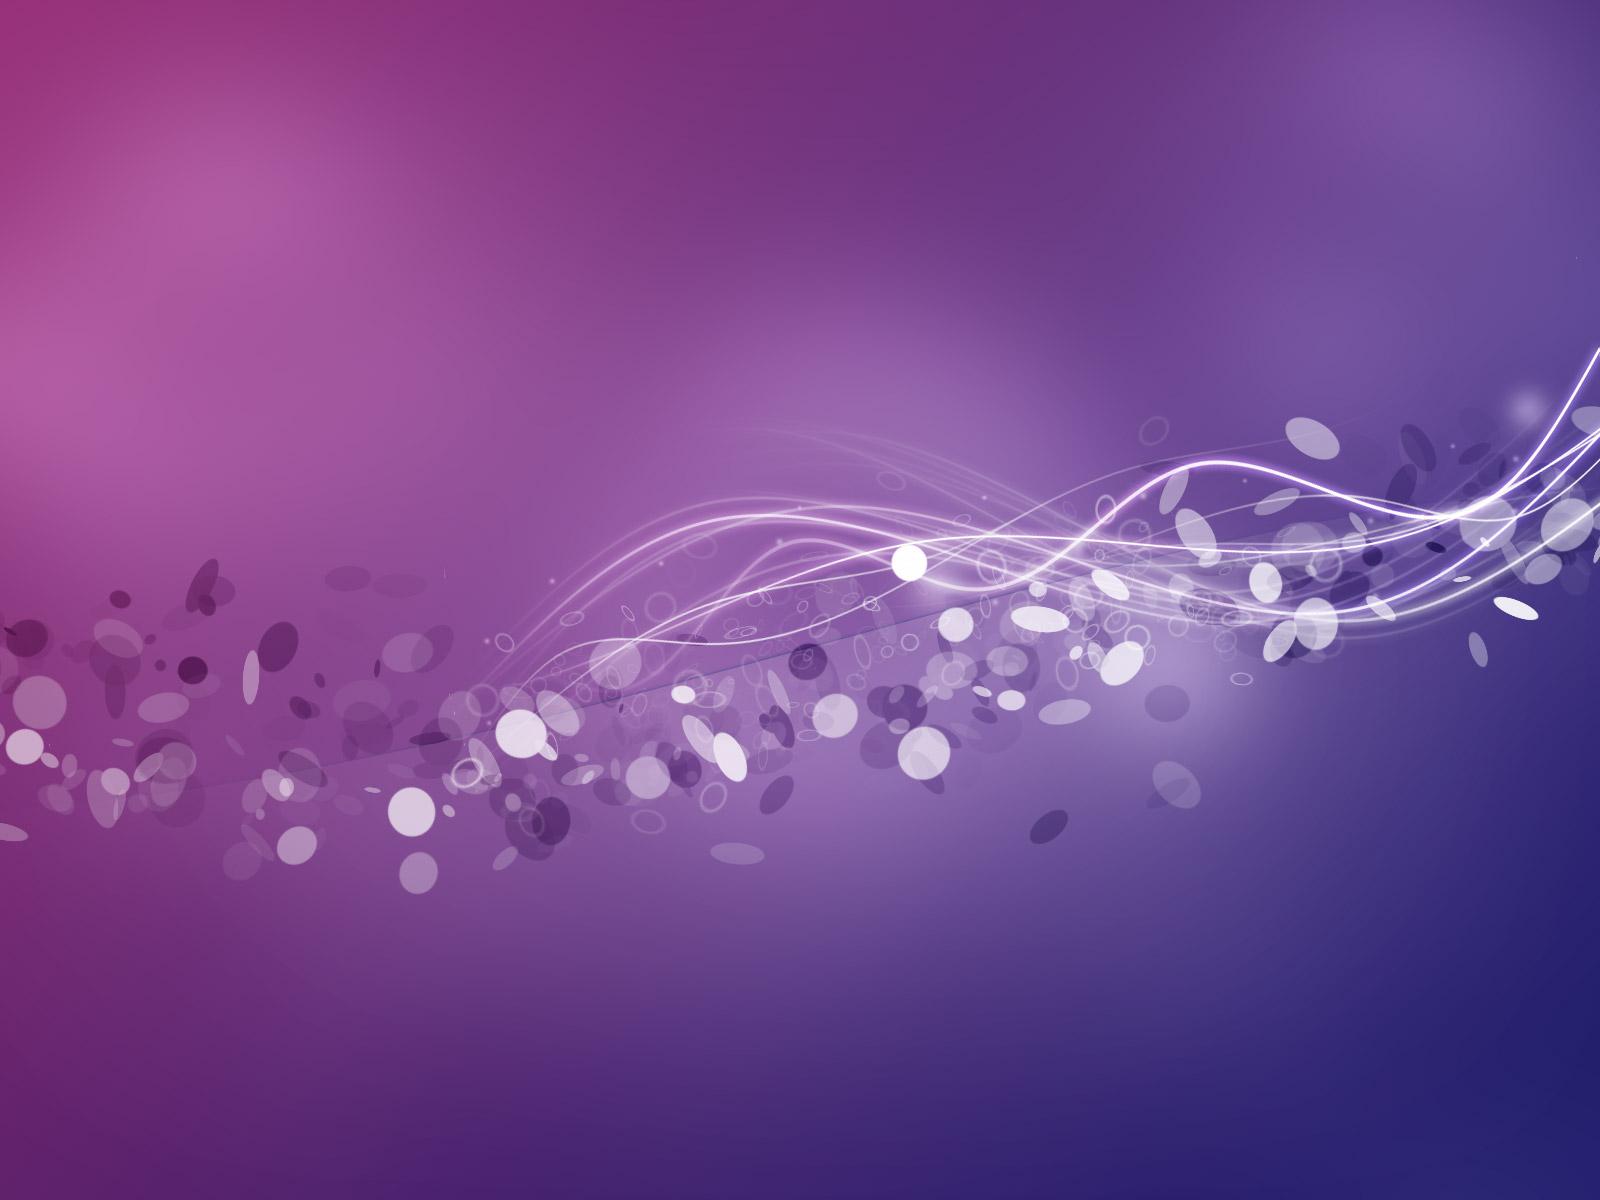 Space 3d Live Wallpaper Light Purple Wallpaper 24357 1600x1200 Px Hdwallsource Com